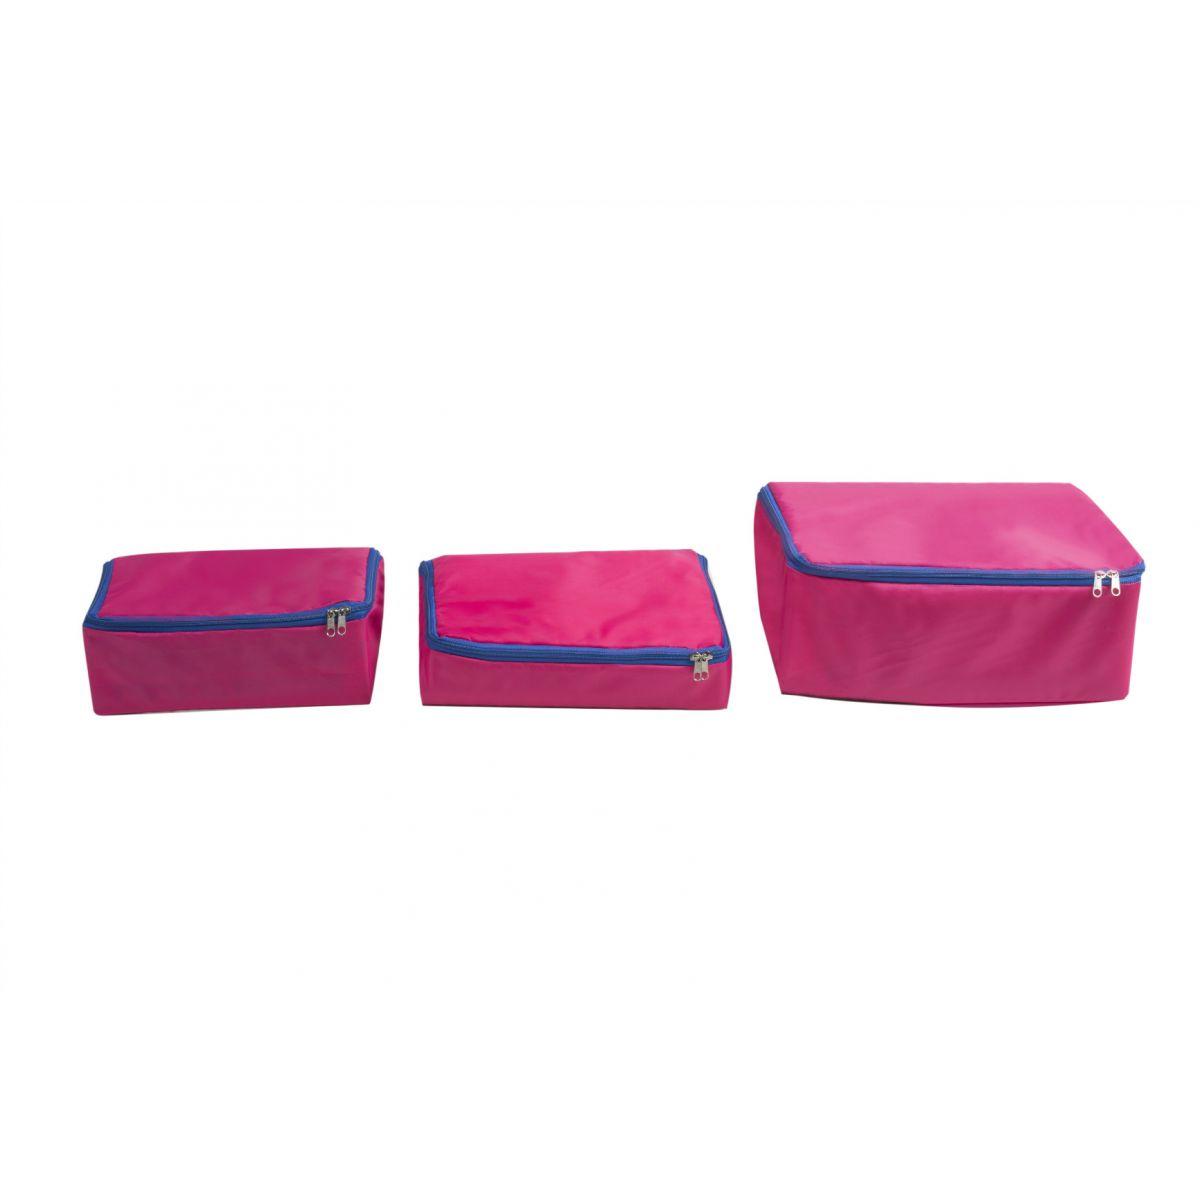 Organizador para Malas com 3 peças- ROSA  - Shop Ud